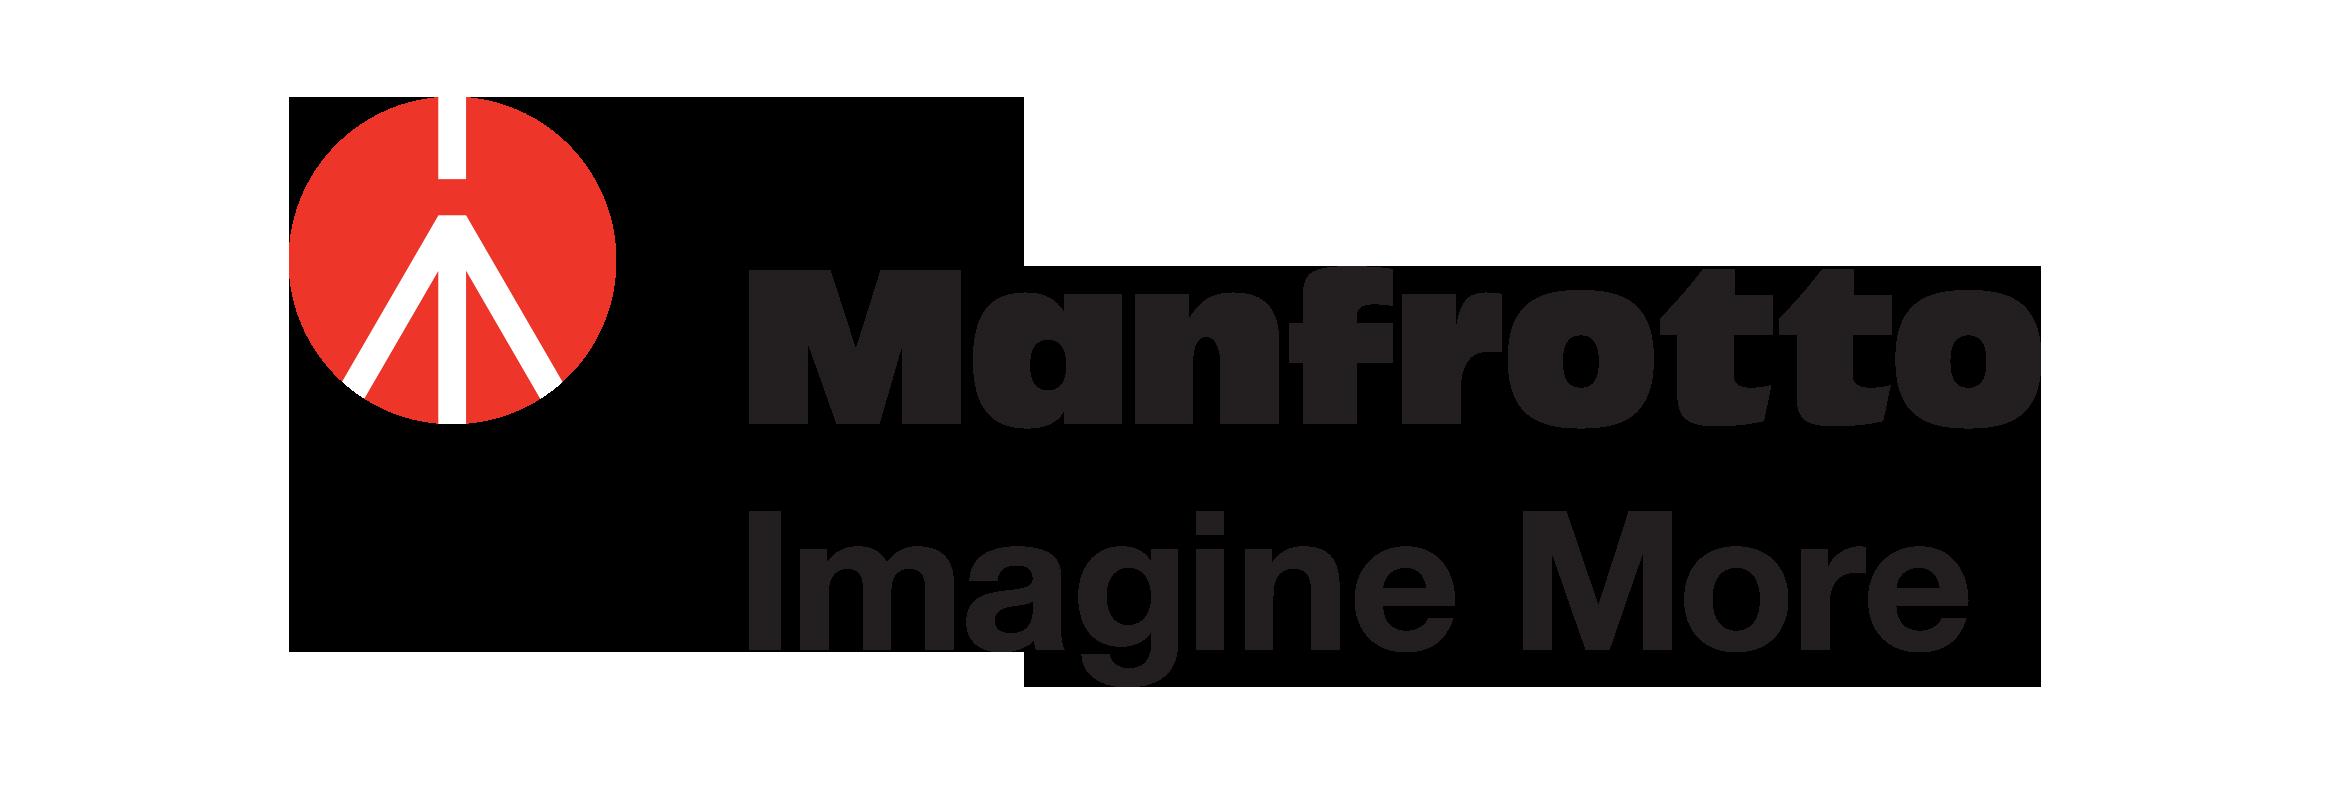 logo Imagine More.png